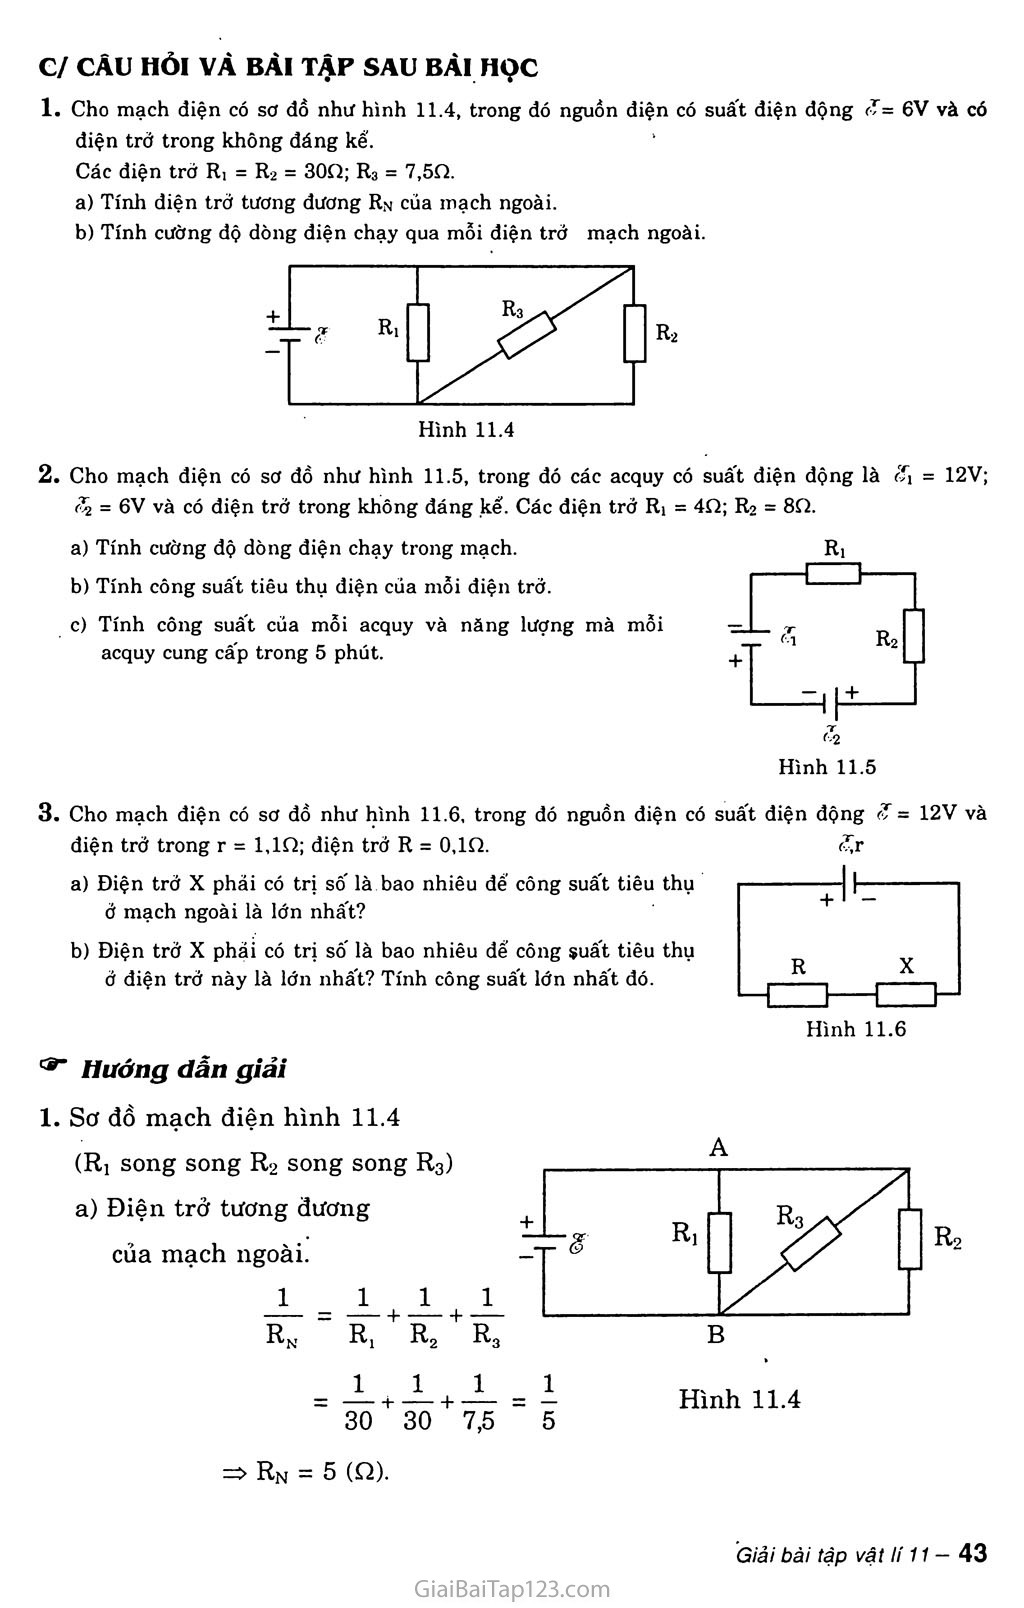 Bài 11: Phương pháp giải một số bài toán về toàn mạch trang 4